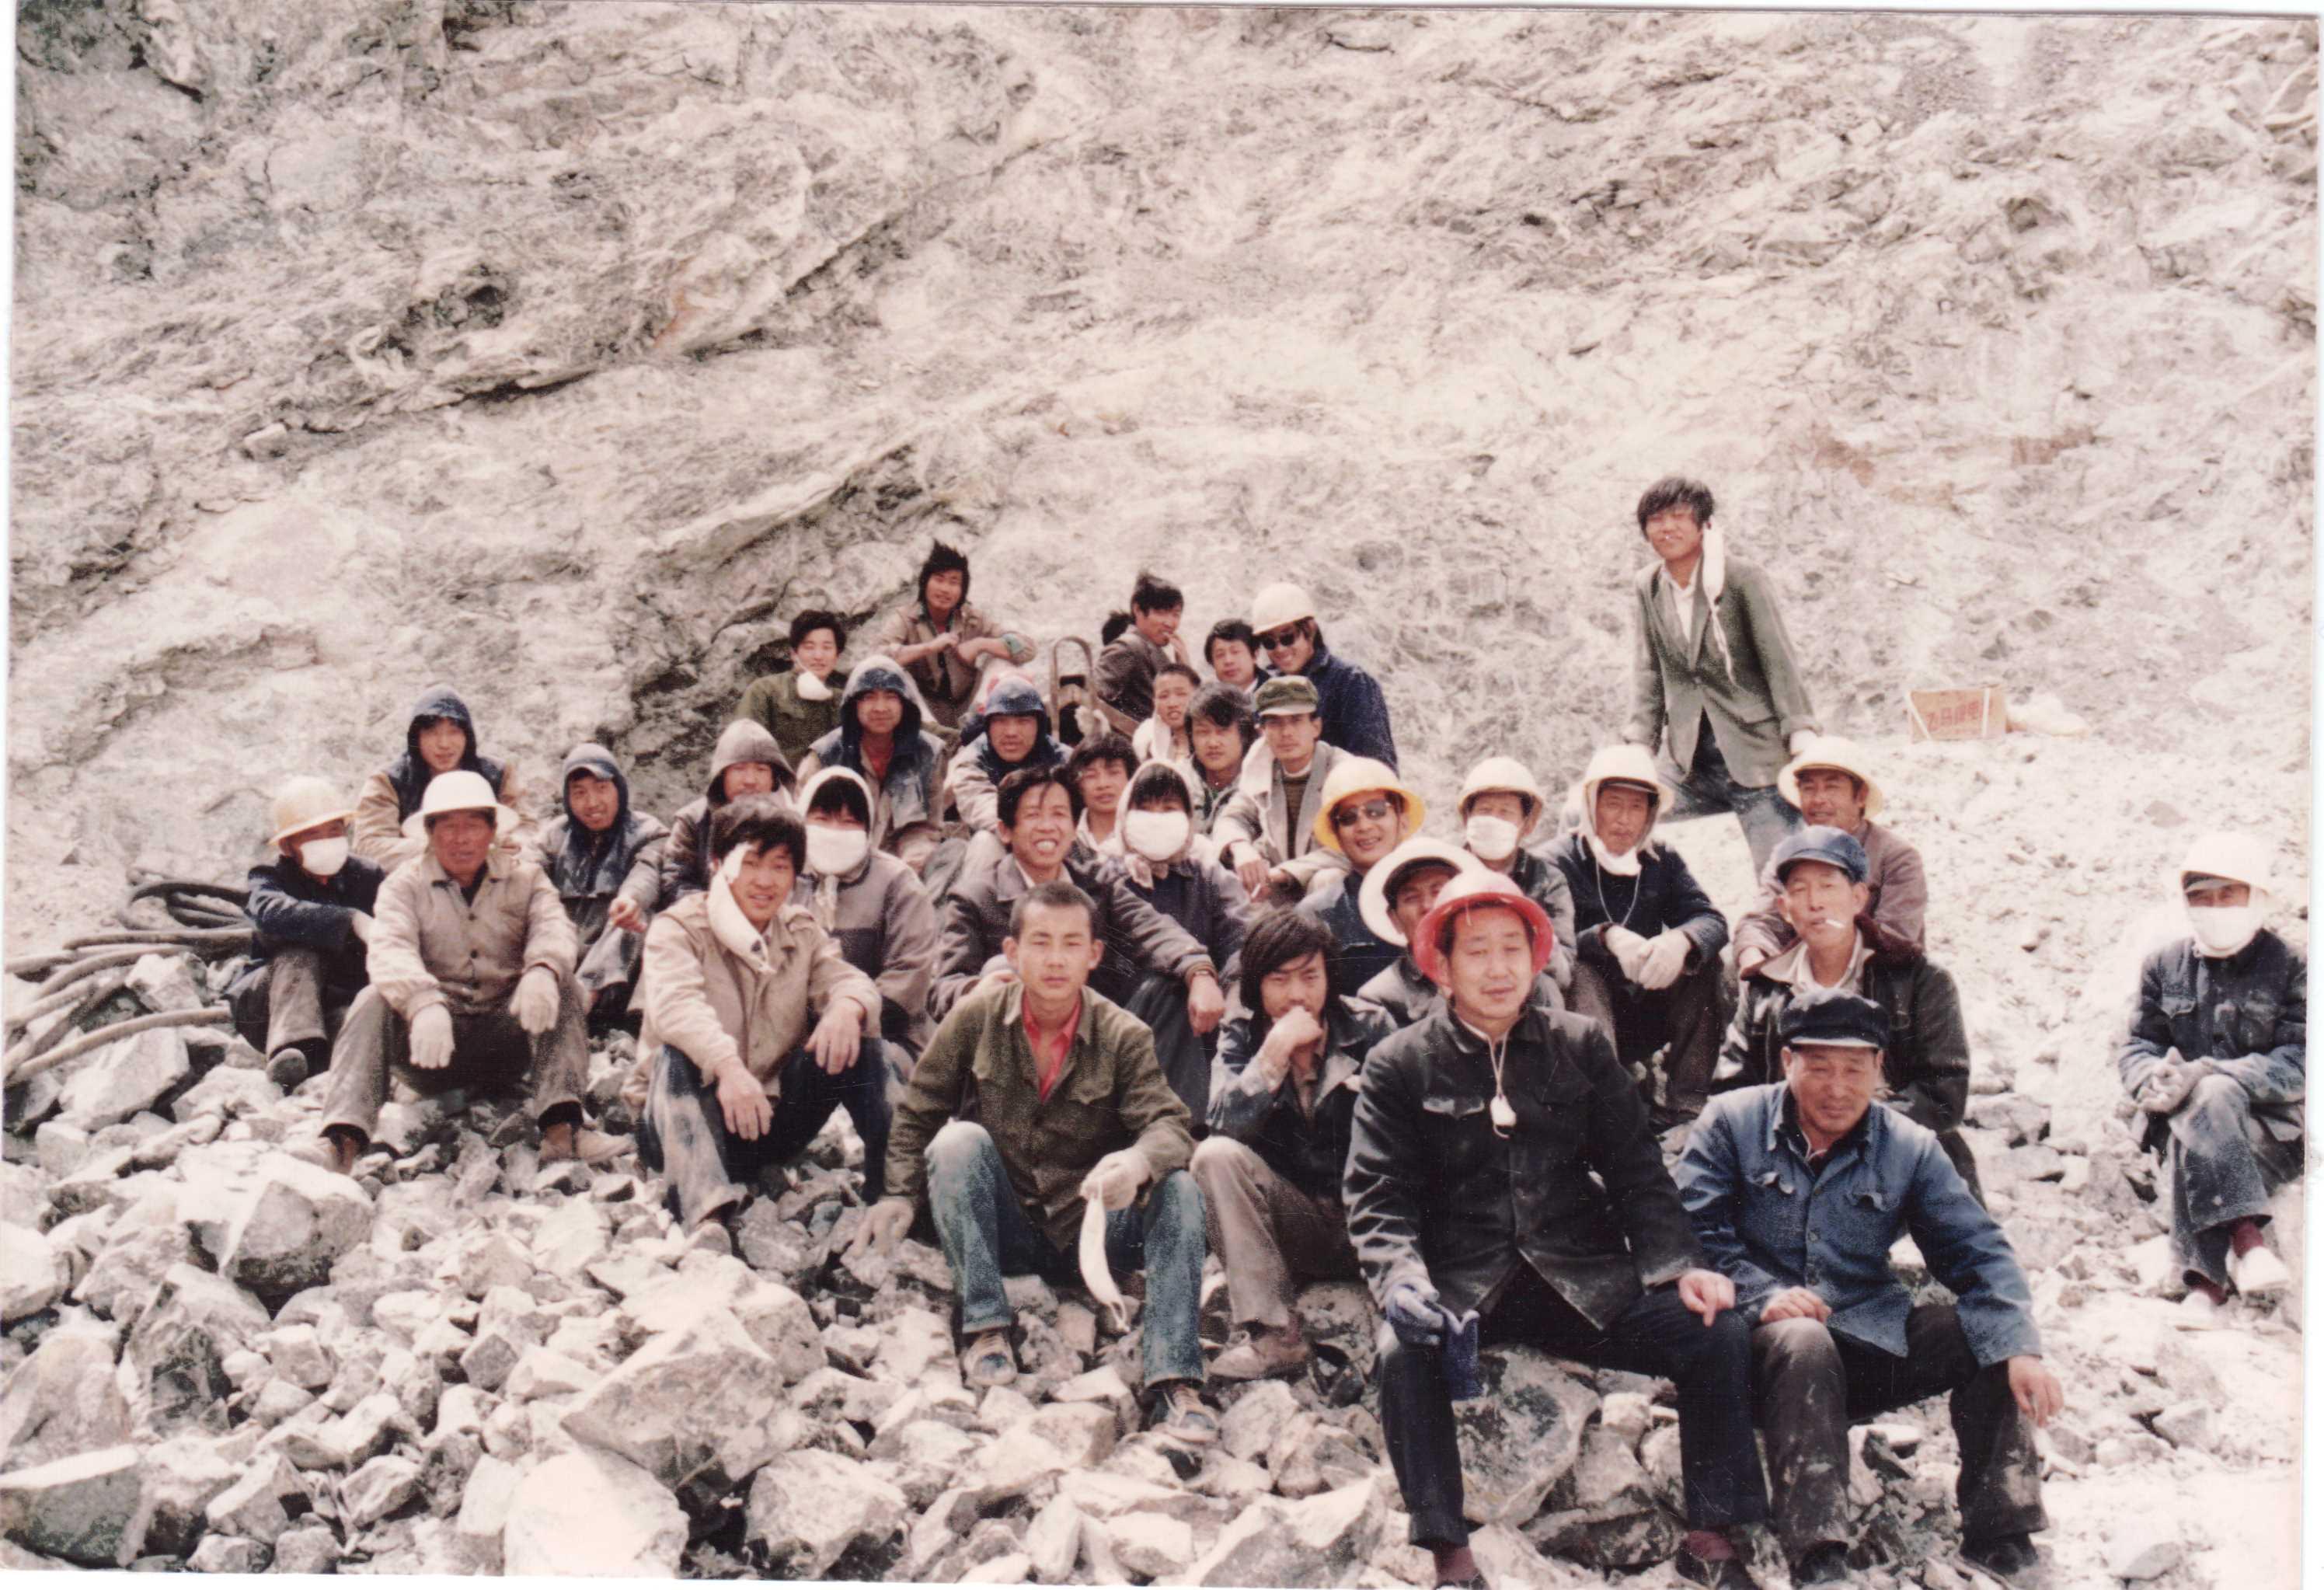 7.礦山硐室作業5(中間為張居安礦長)